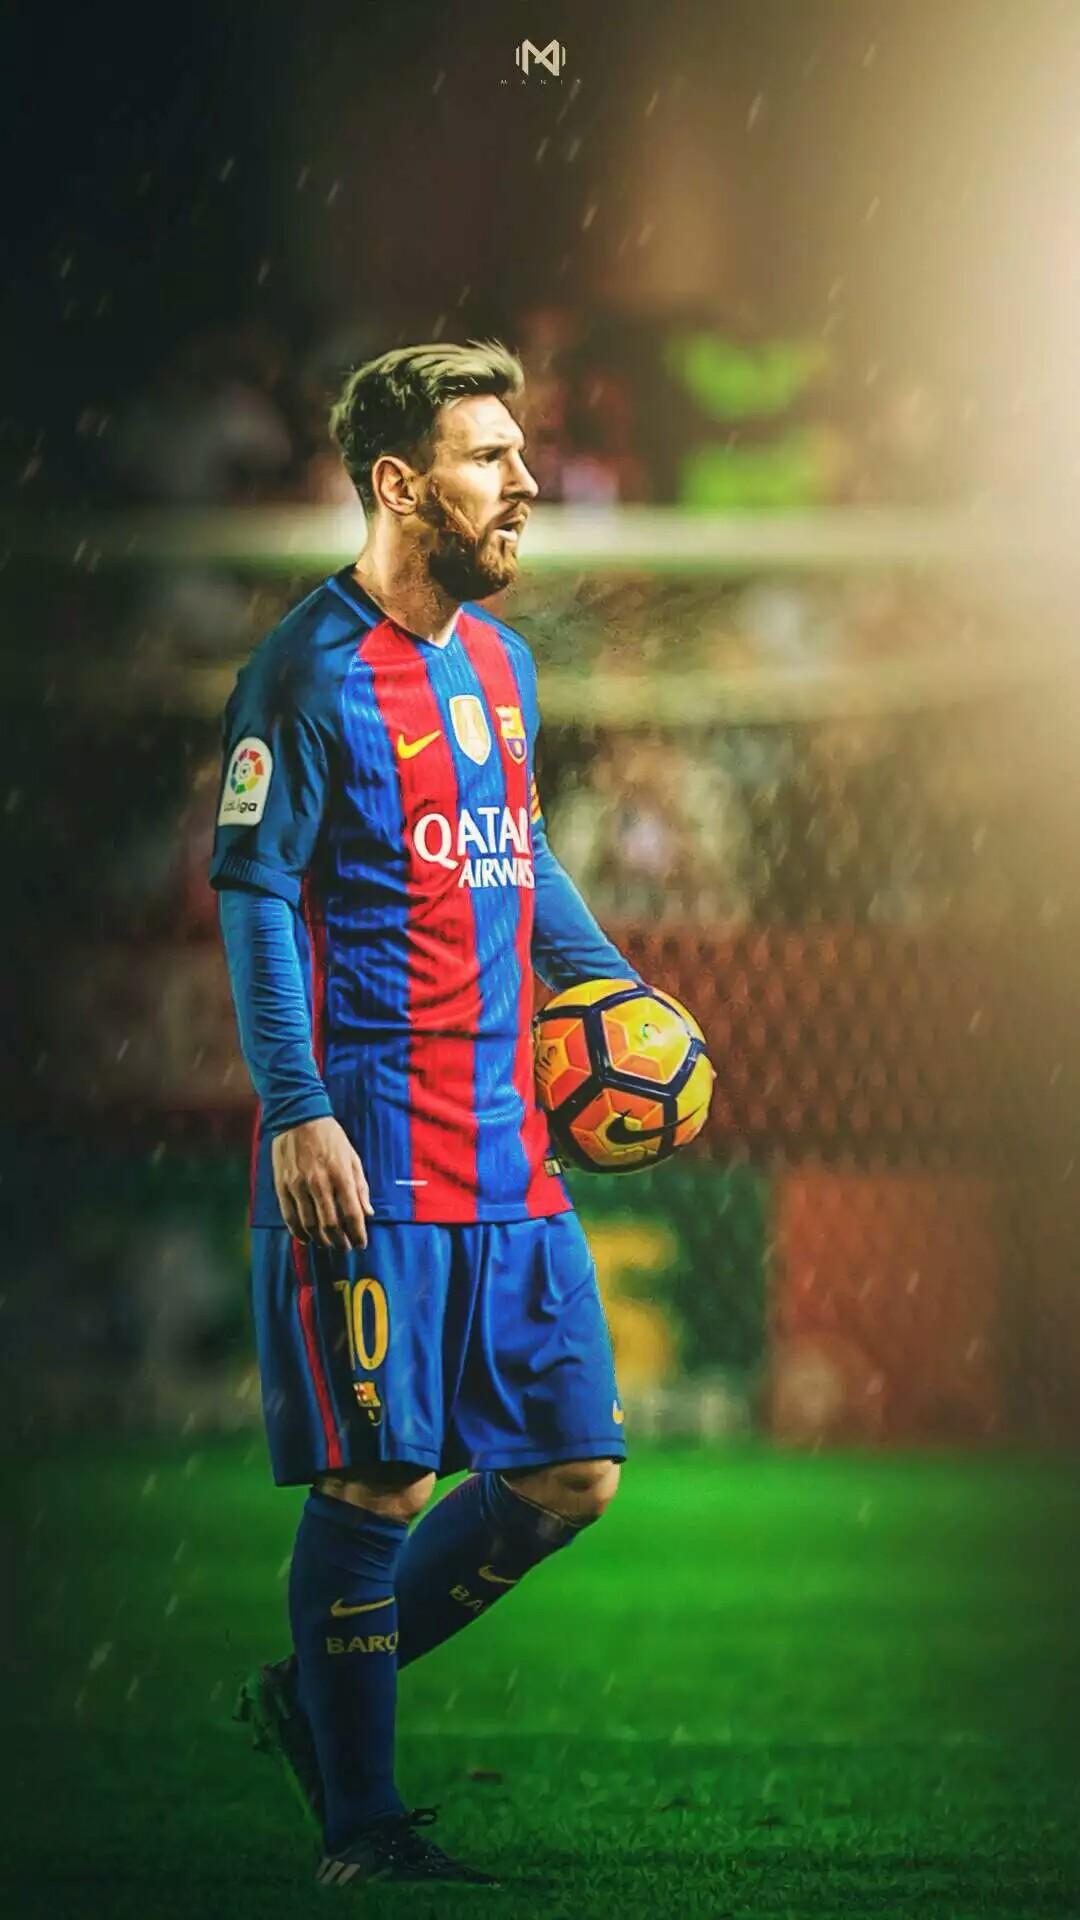 历史首位,C罗打进欧战100球 - 专业权威的足球